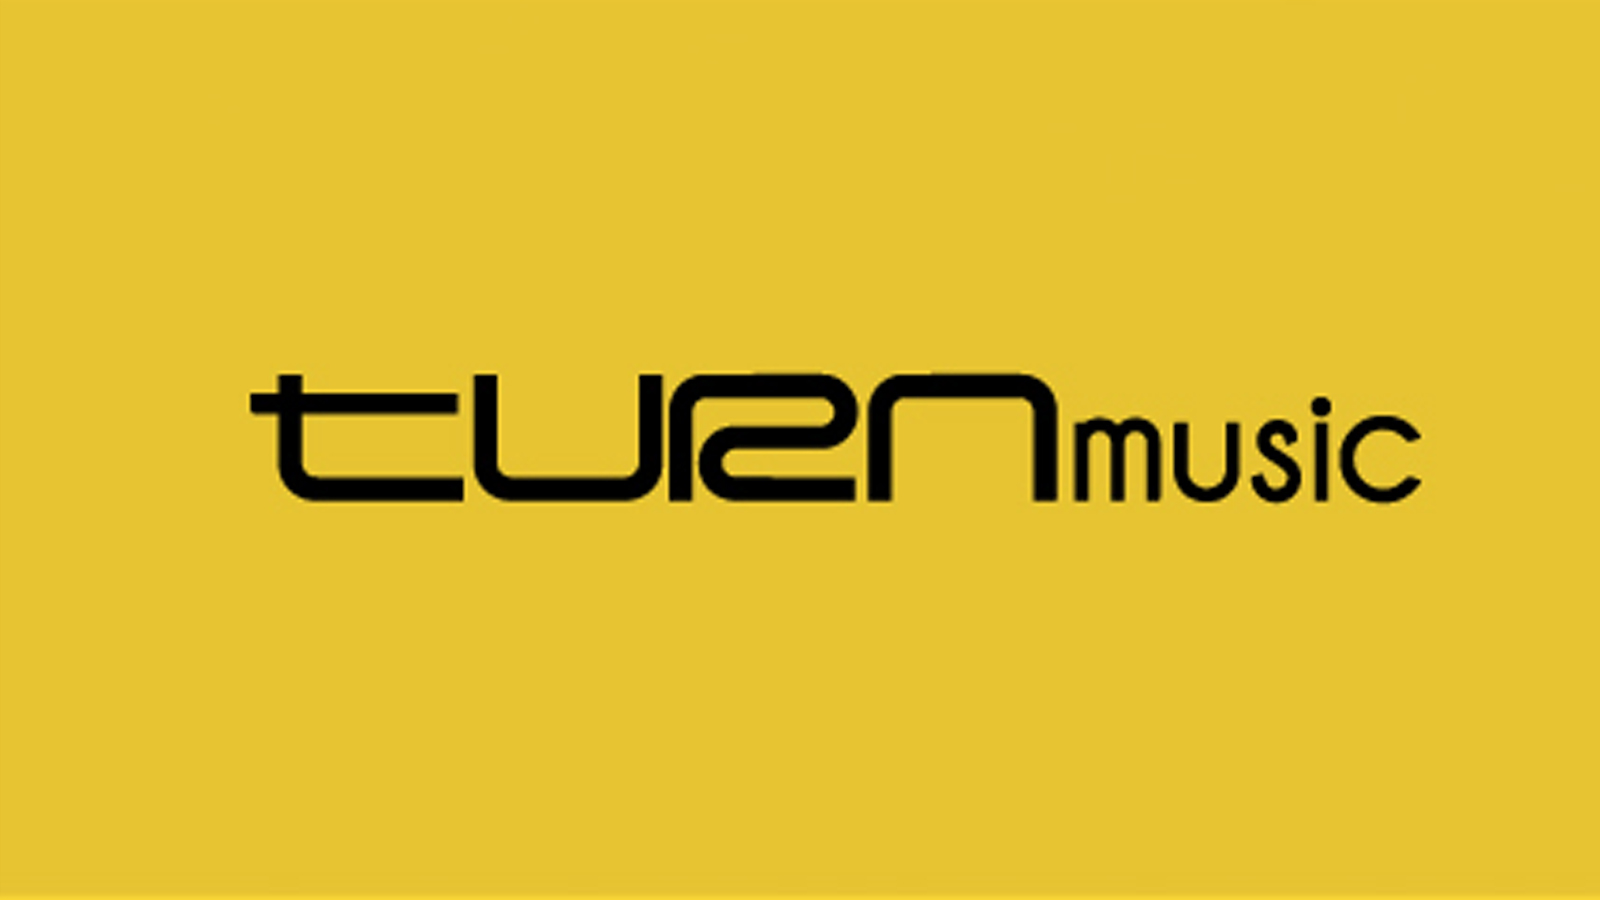 TURNmusic logo.jpeg